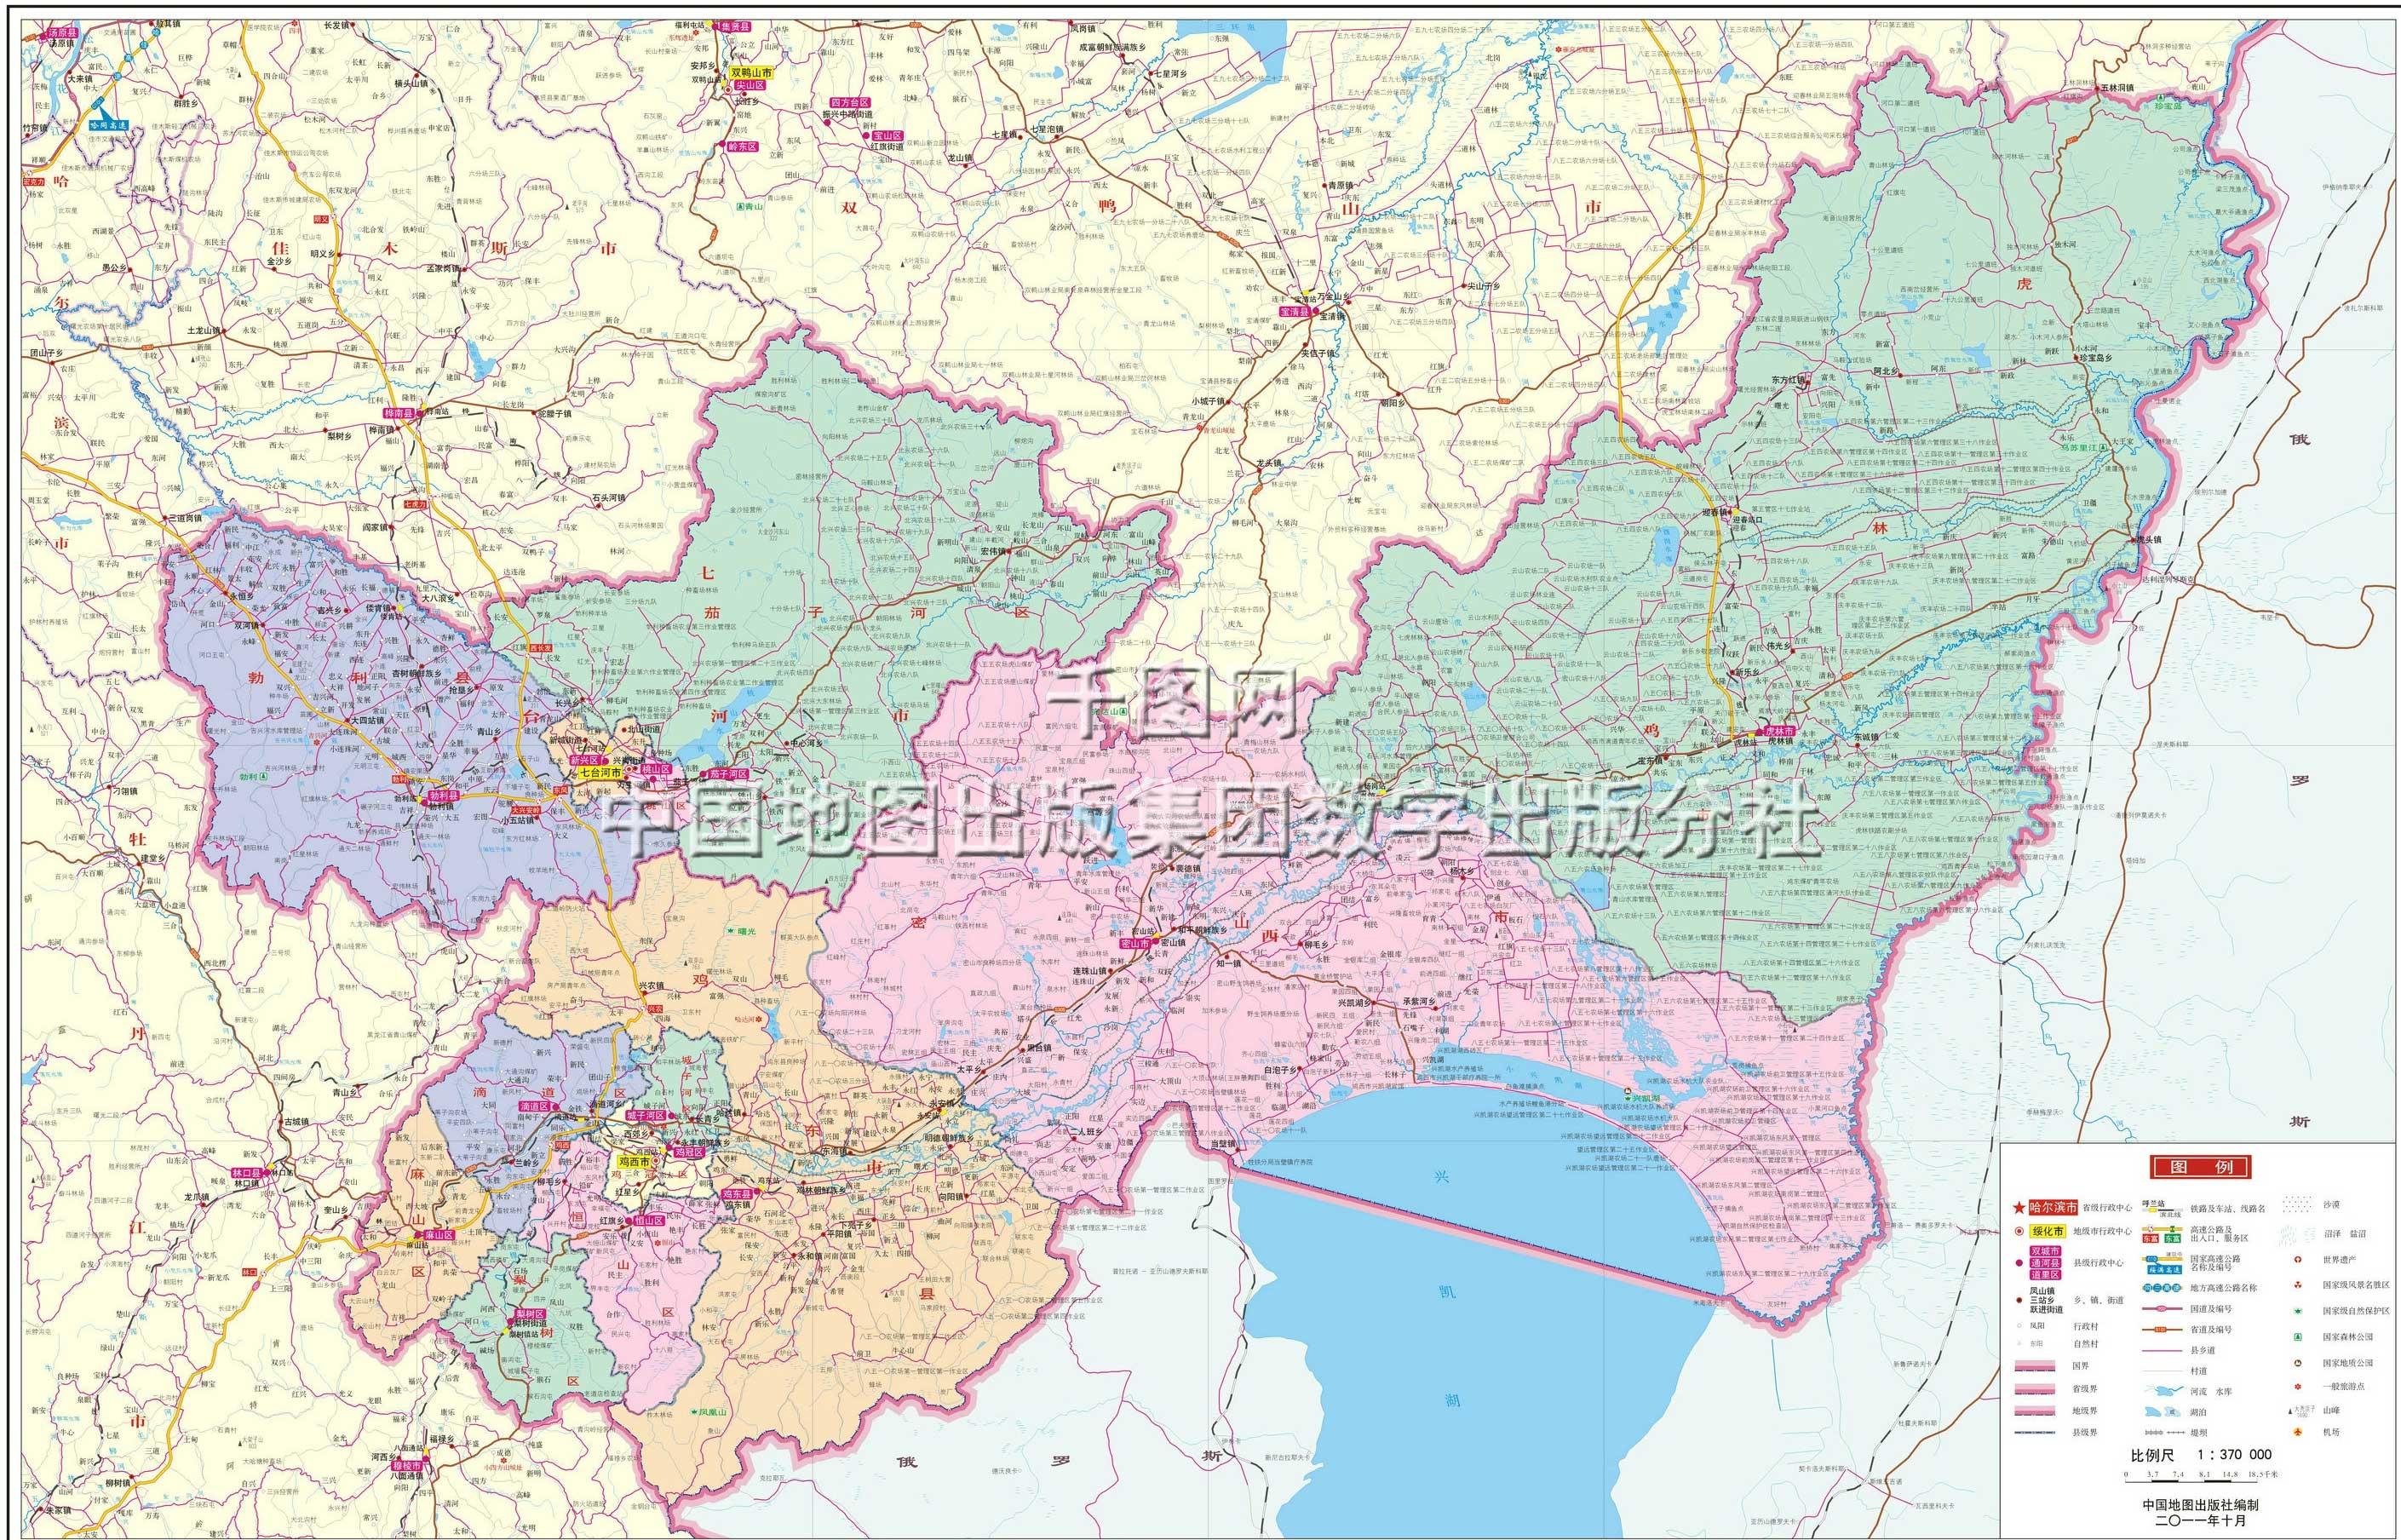 七台河市地图高清版